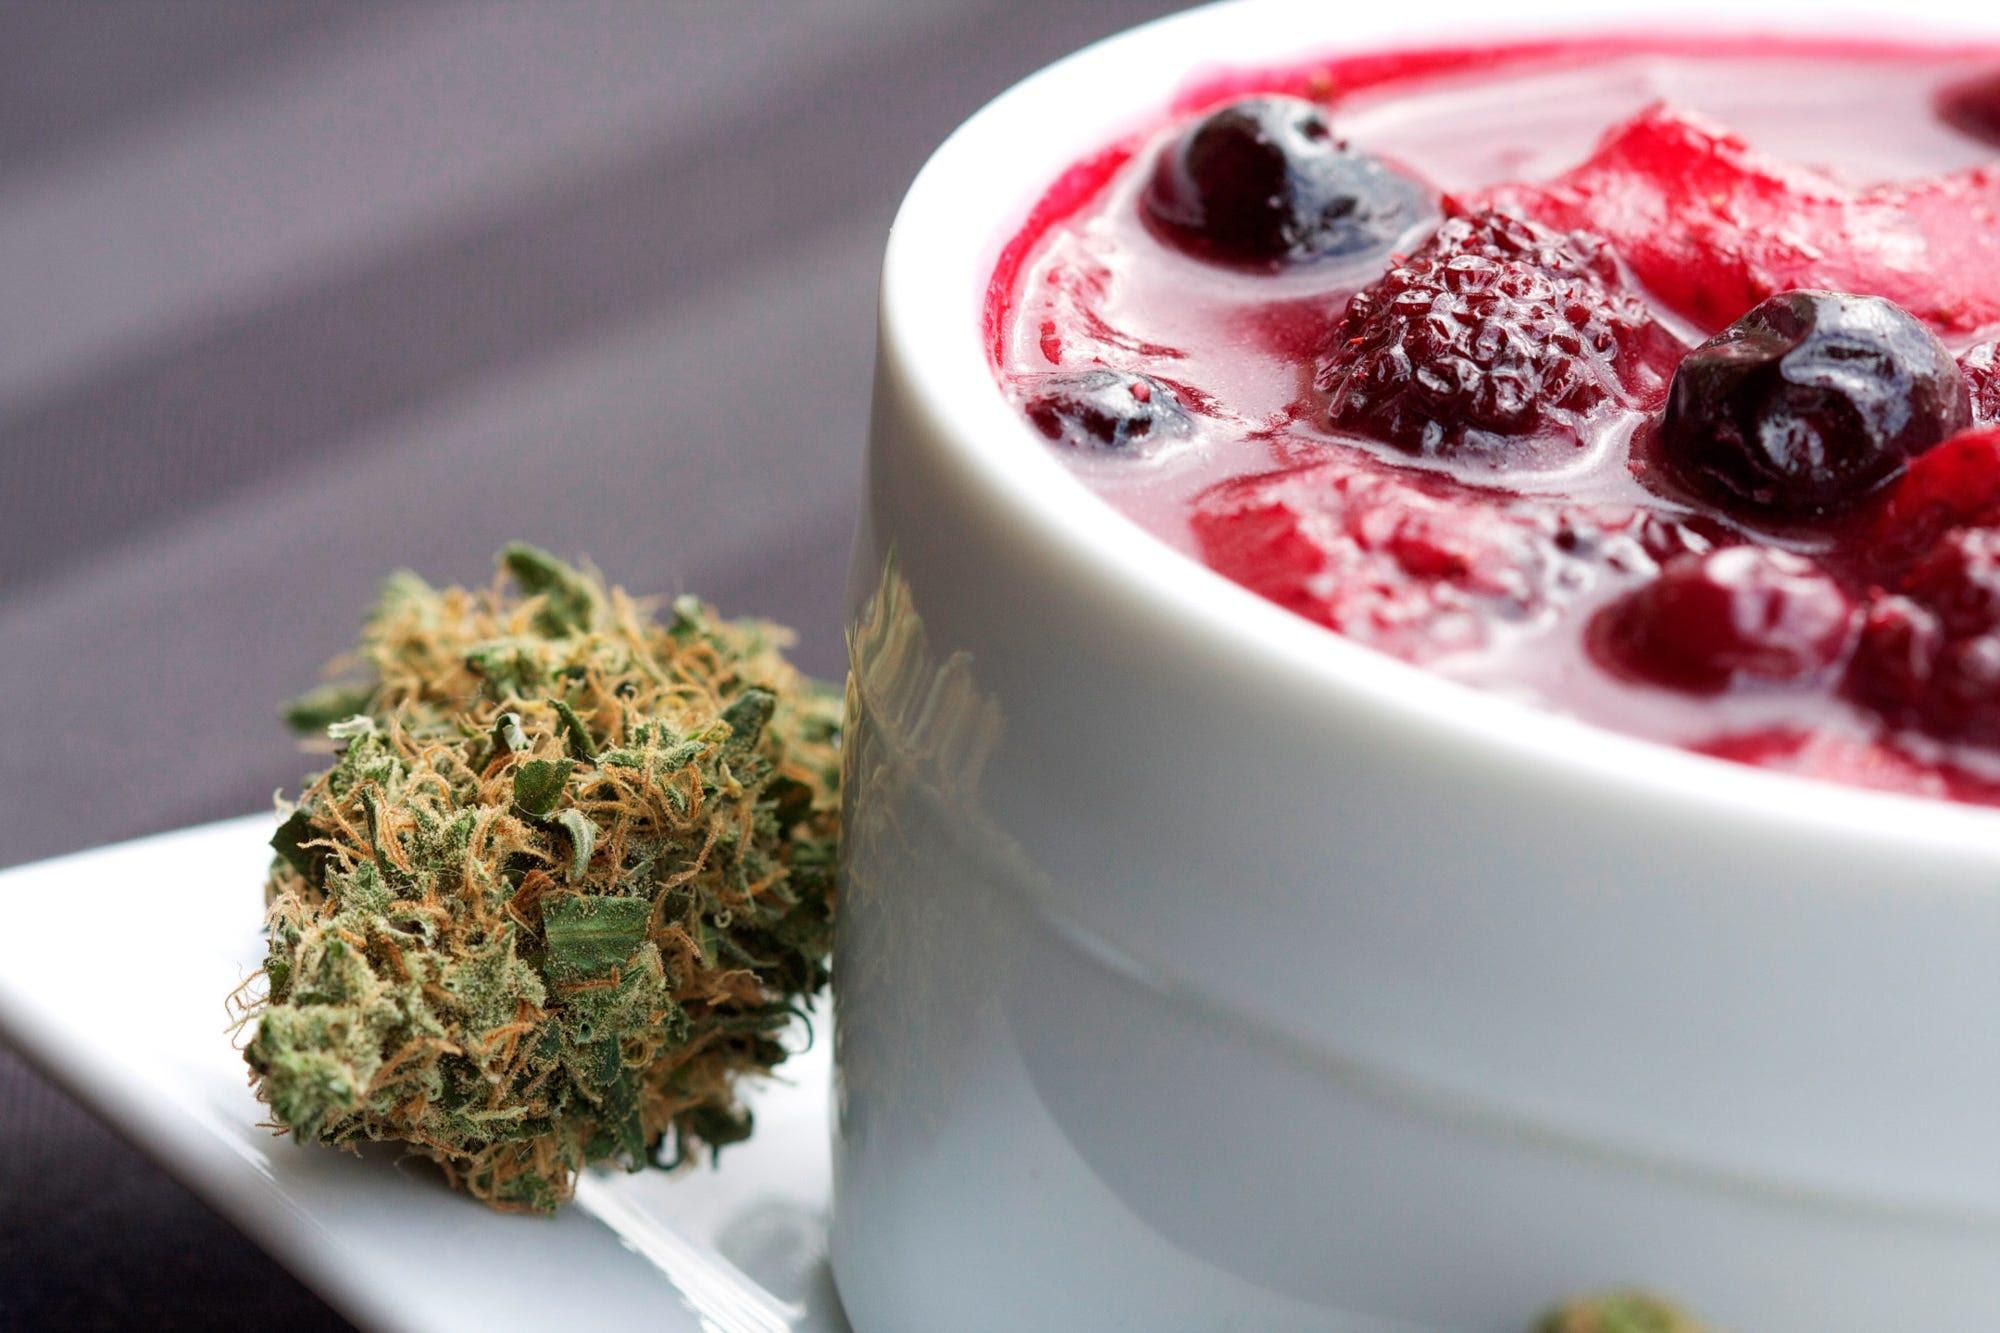 jessica catalano cannabis chef 4